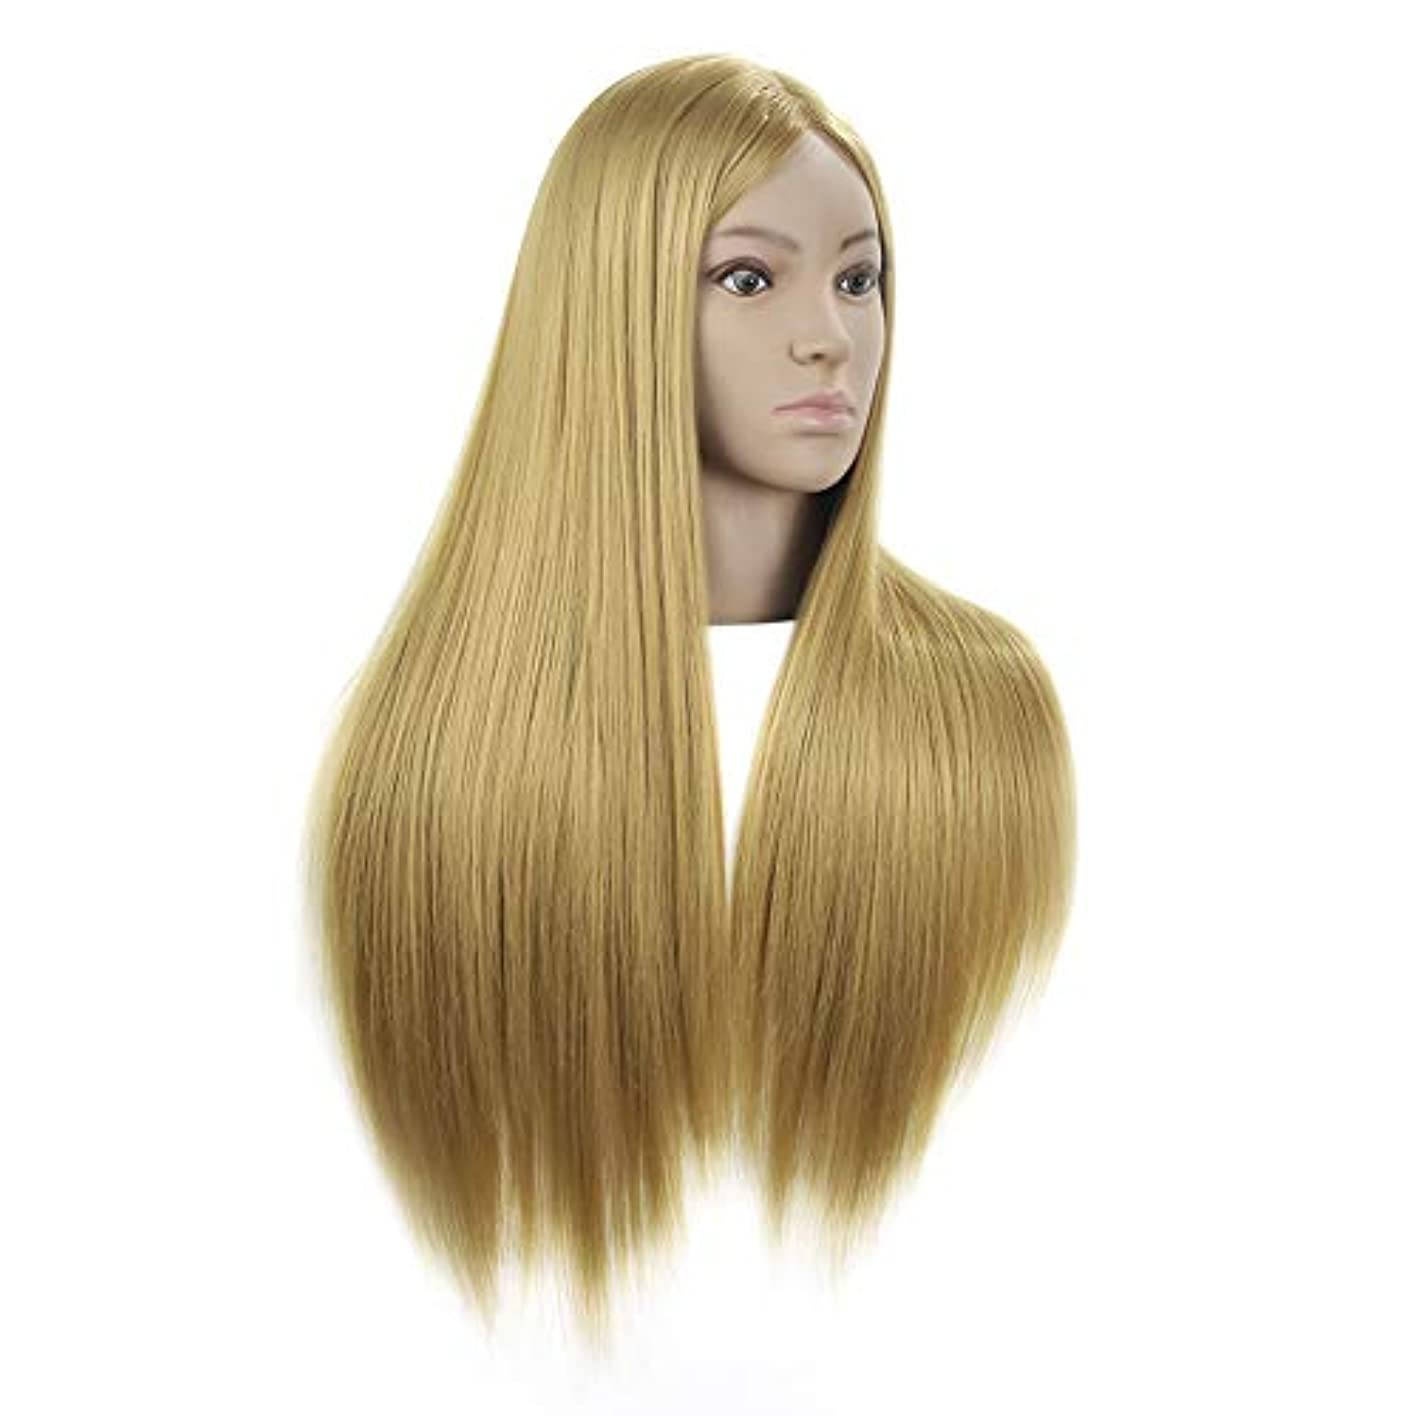 修道院小説記述する女性ウィッグサロンヘア編み美容指導ヘッドスタイリングヘアカットダミーヘッドメイク学習マネキンヘッド